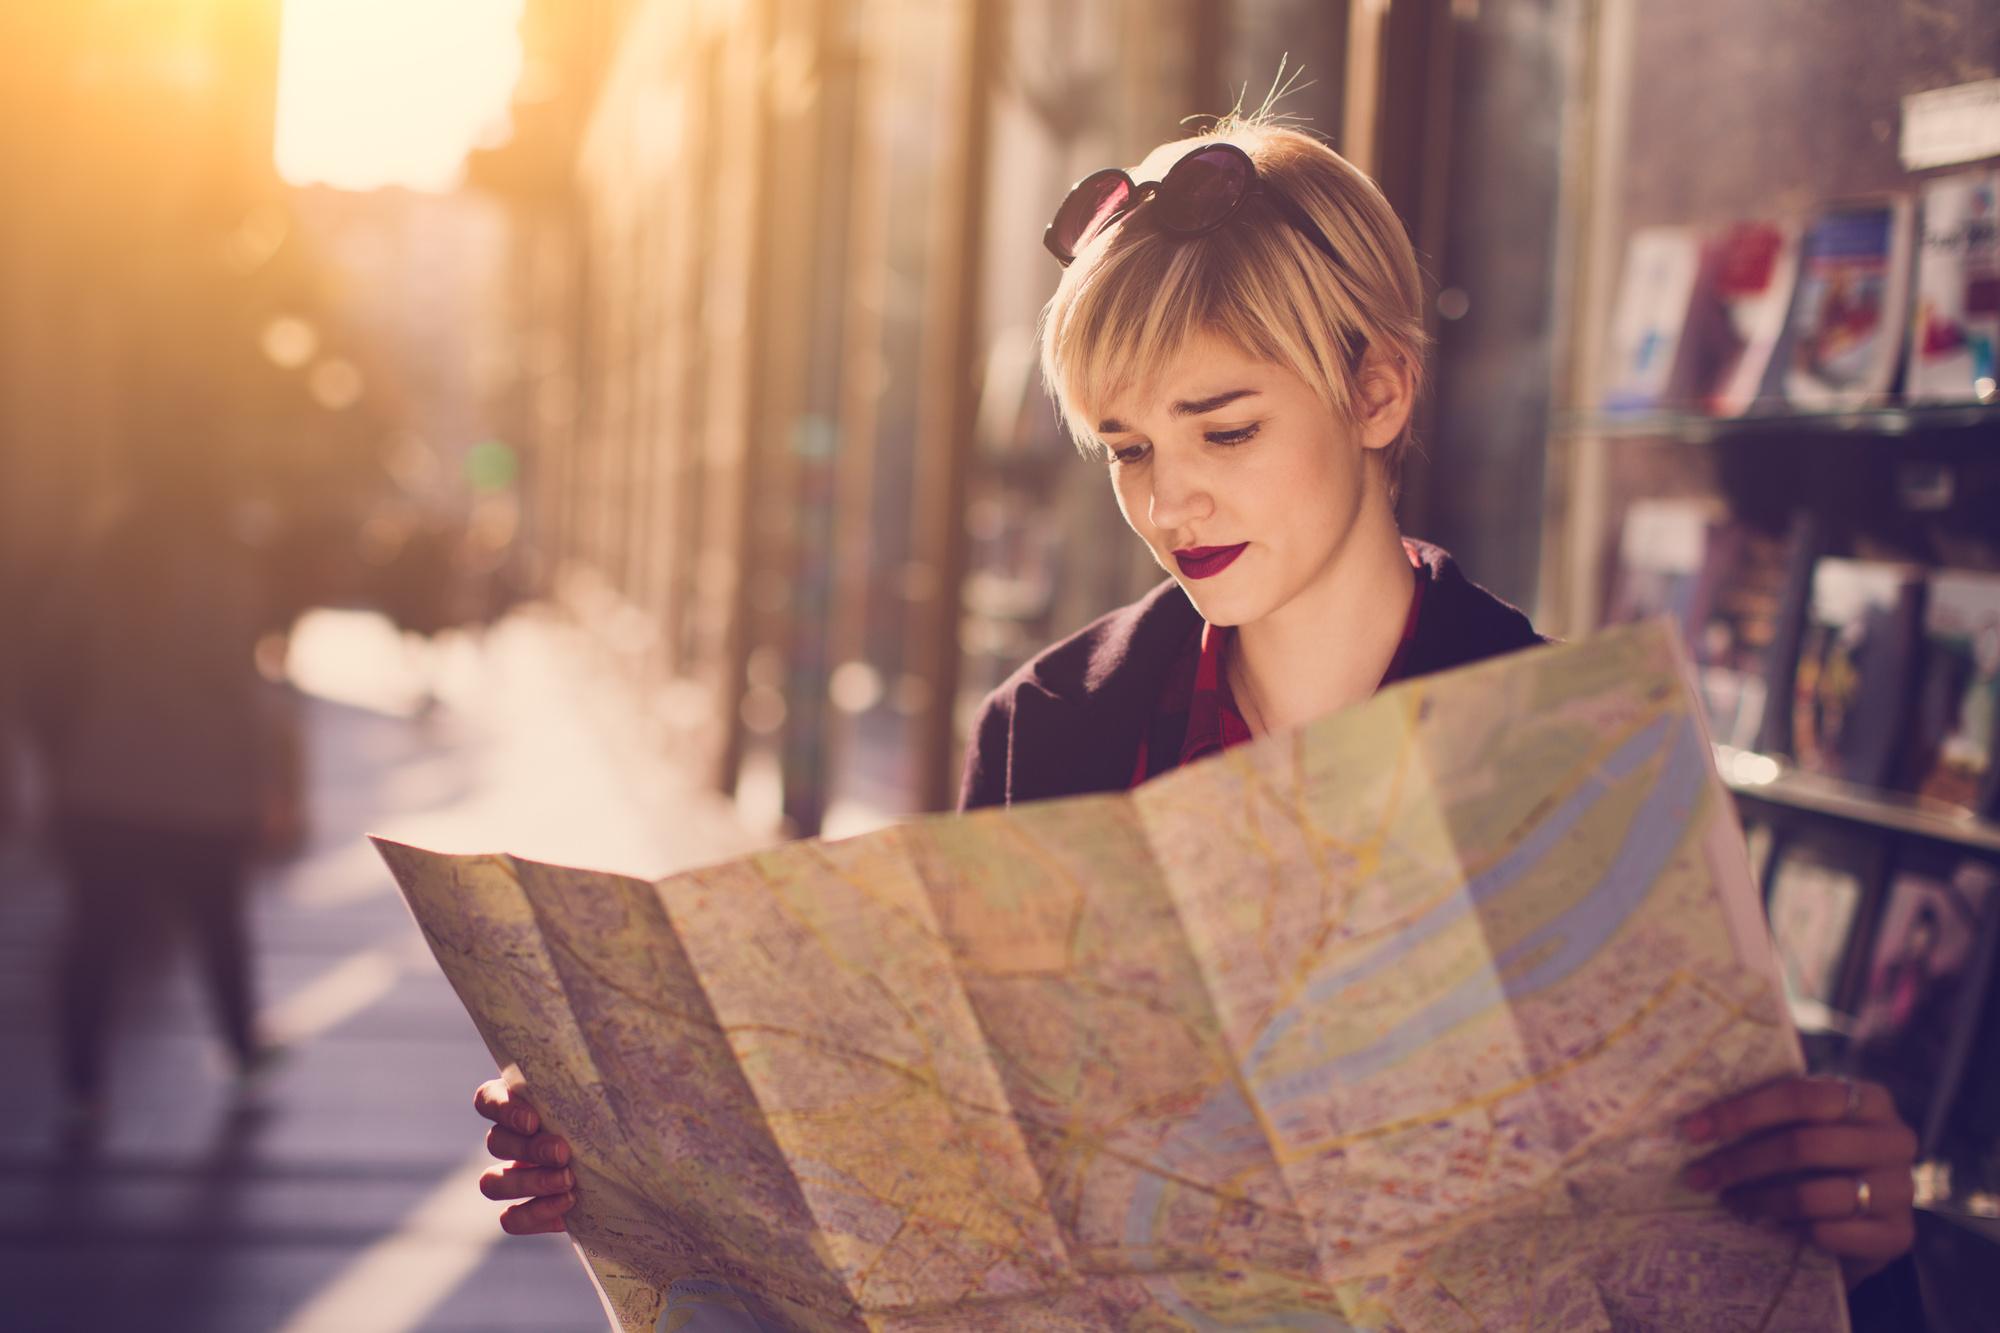 frugal traveler